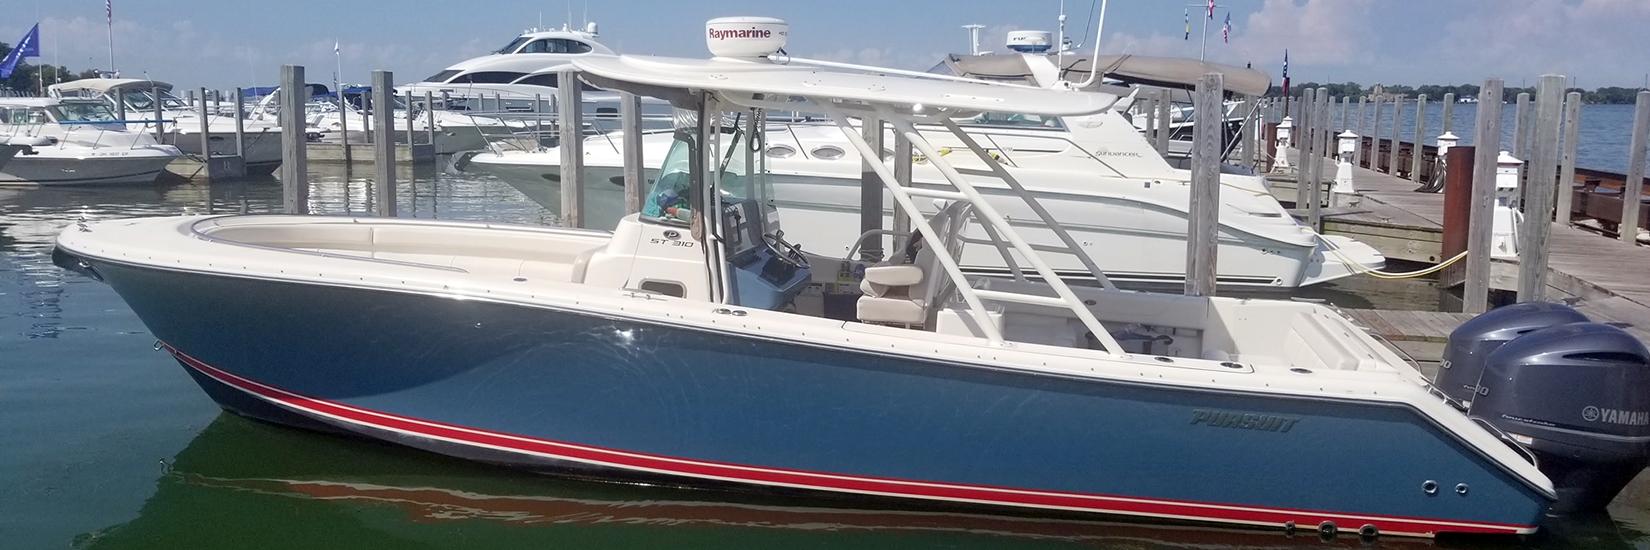 North Coast Parasail Boat Rental Banner